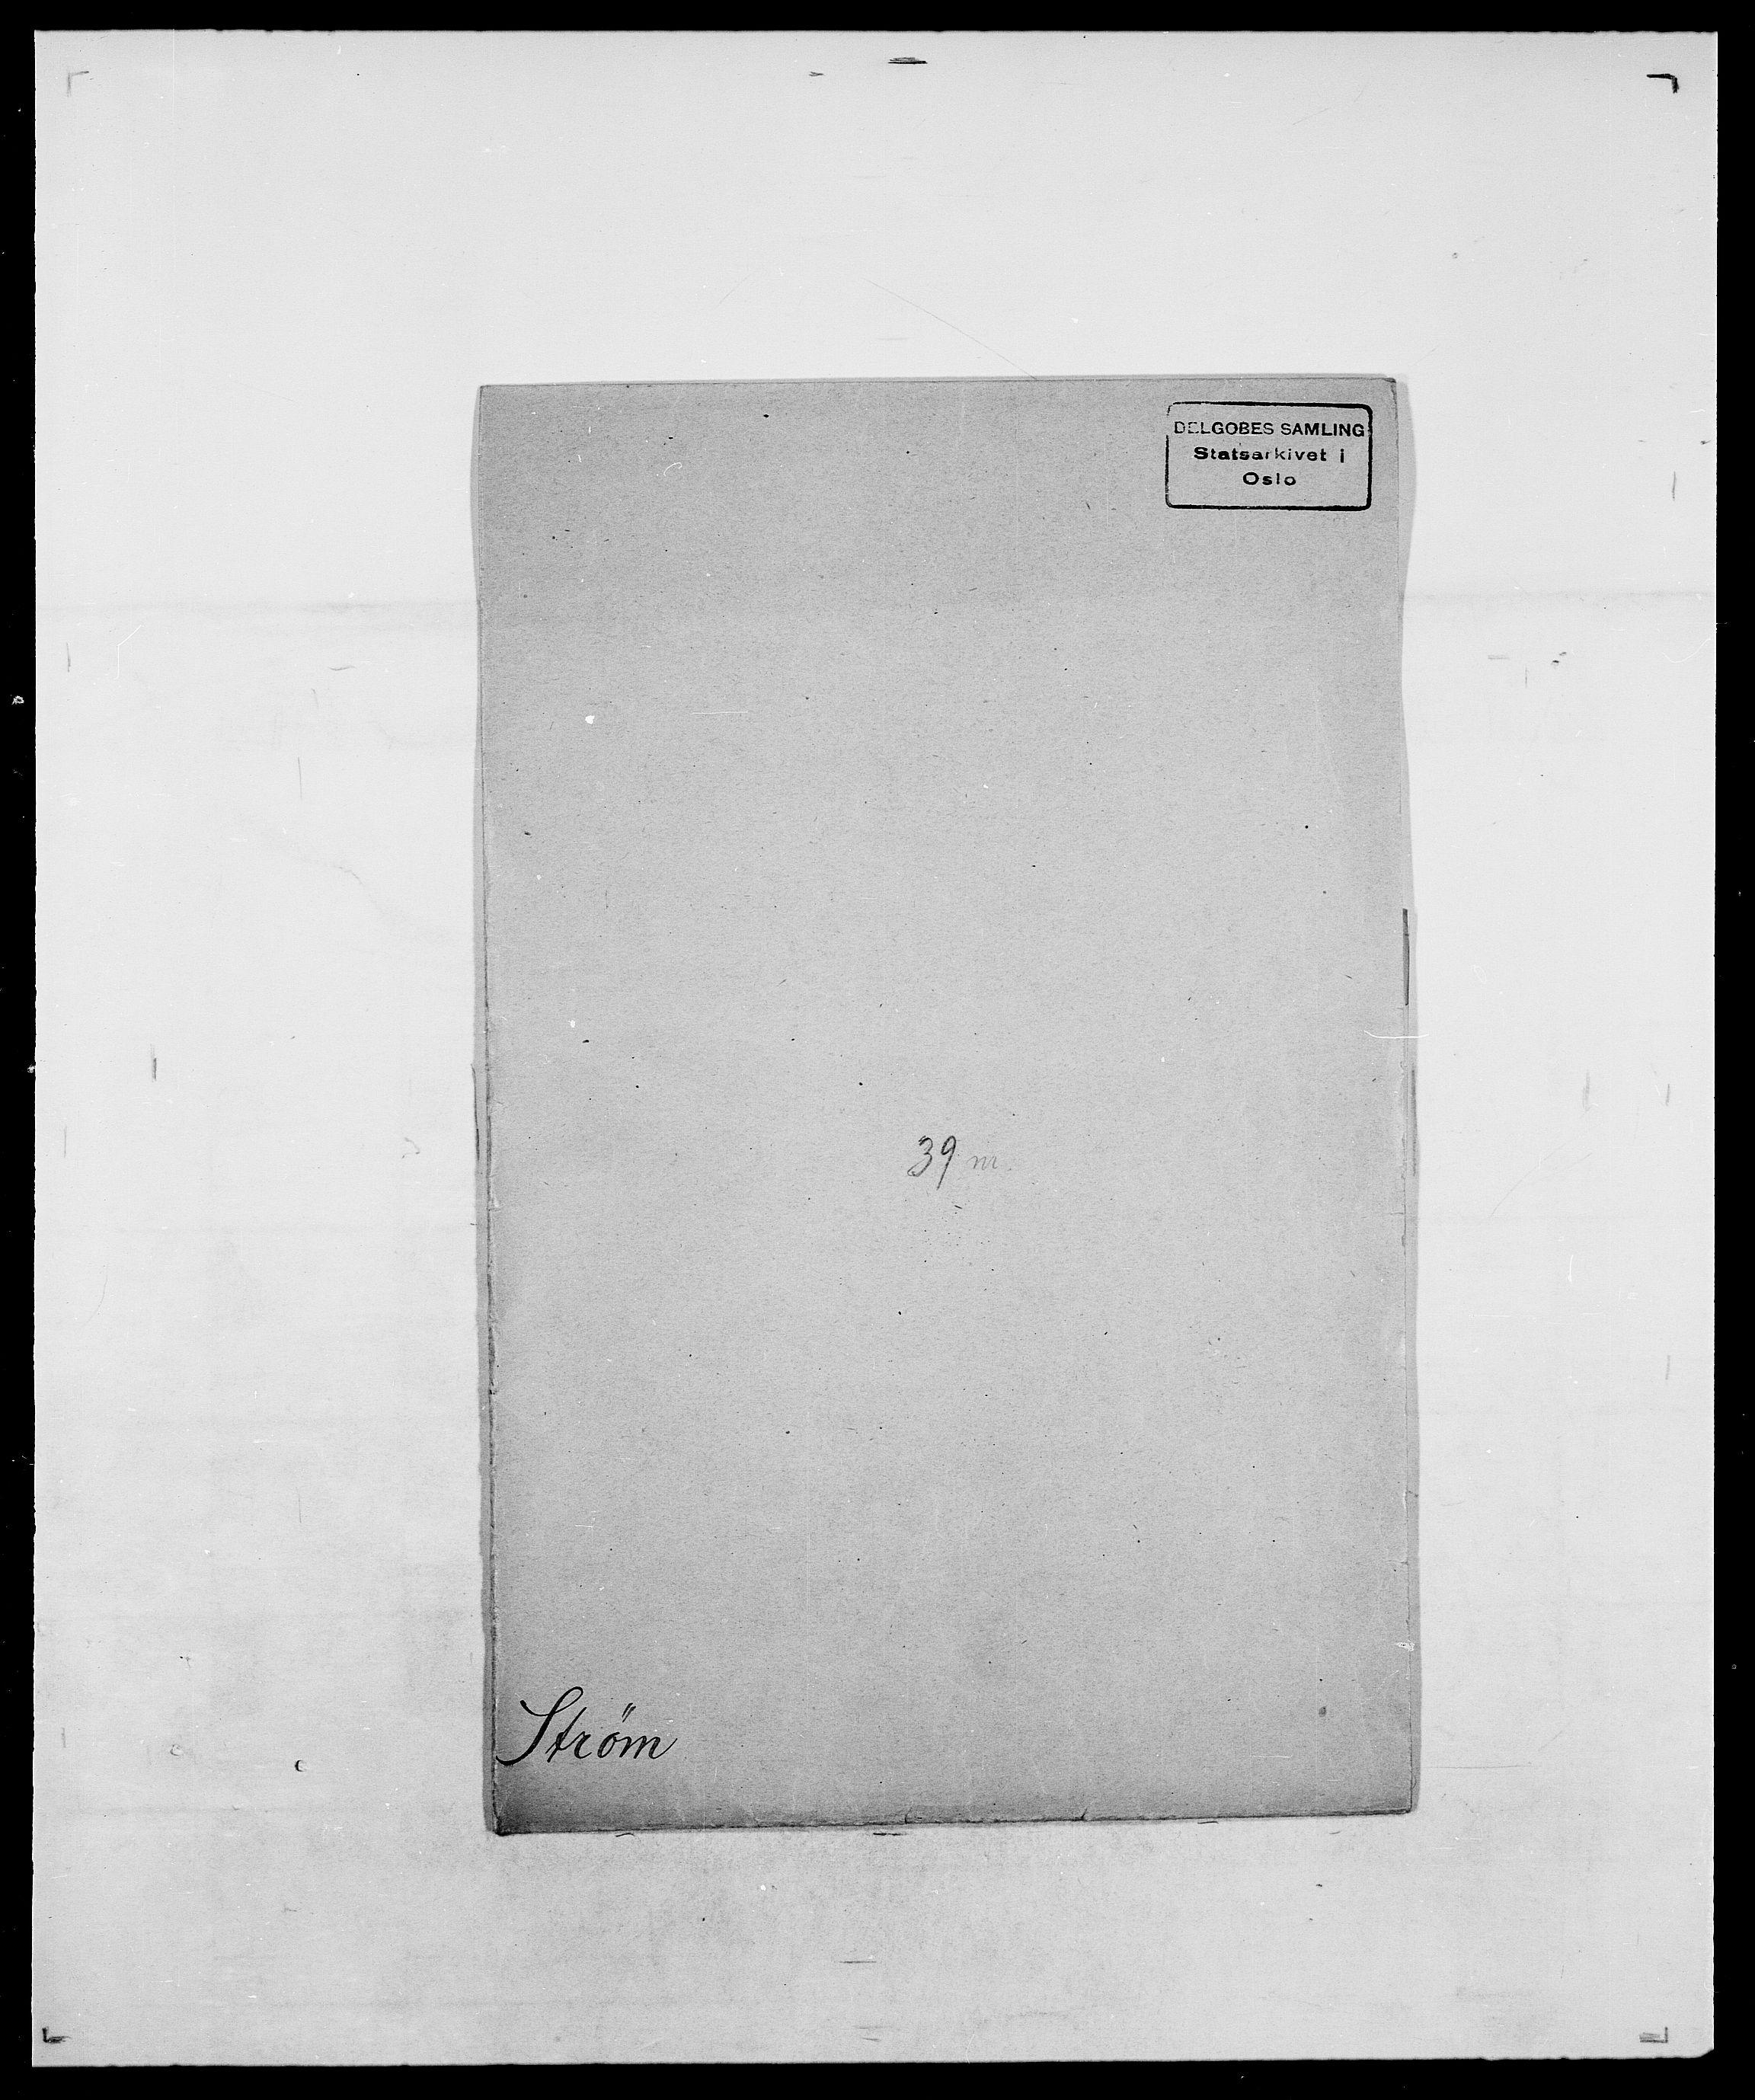 SAO, Delgobe, Charles Antoine - samling, D/Da/L0037: Steen, Sthen, Stein - Svare, Svanige, Svanne, se også Svanning og Schwane, s. 638